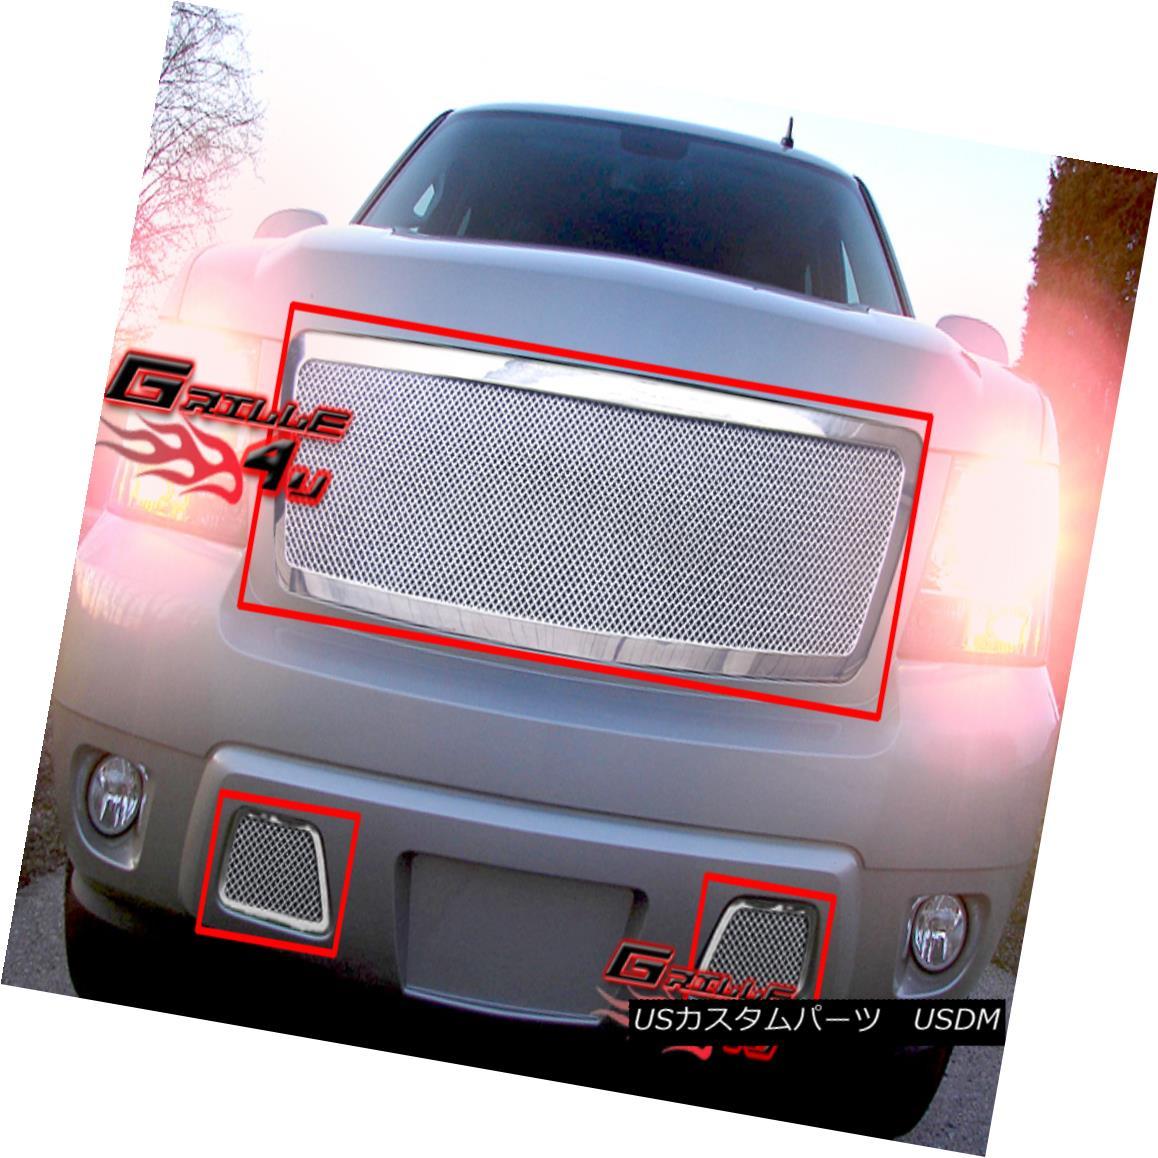 グリル Fits 2007-2013 Chevy Tahoe/Suburban/Avalanche Mesh Grille Insert Combo 2007-2013 Chevy Tahoe /郊外 /アバランチェメッシュグリルインサートコンボ